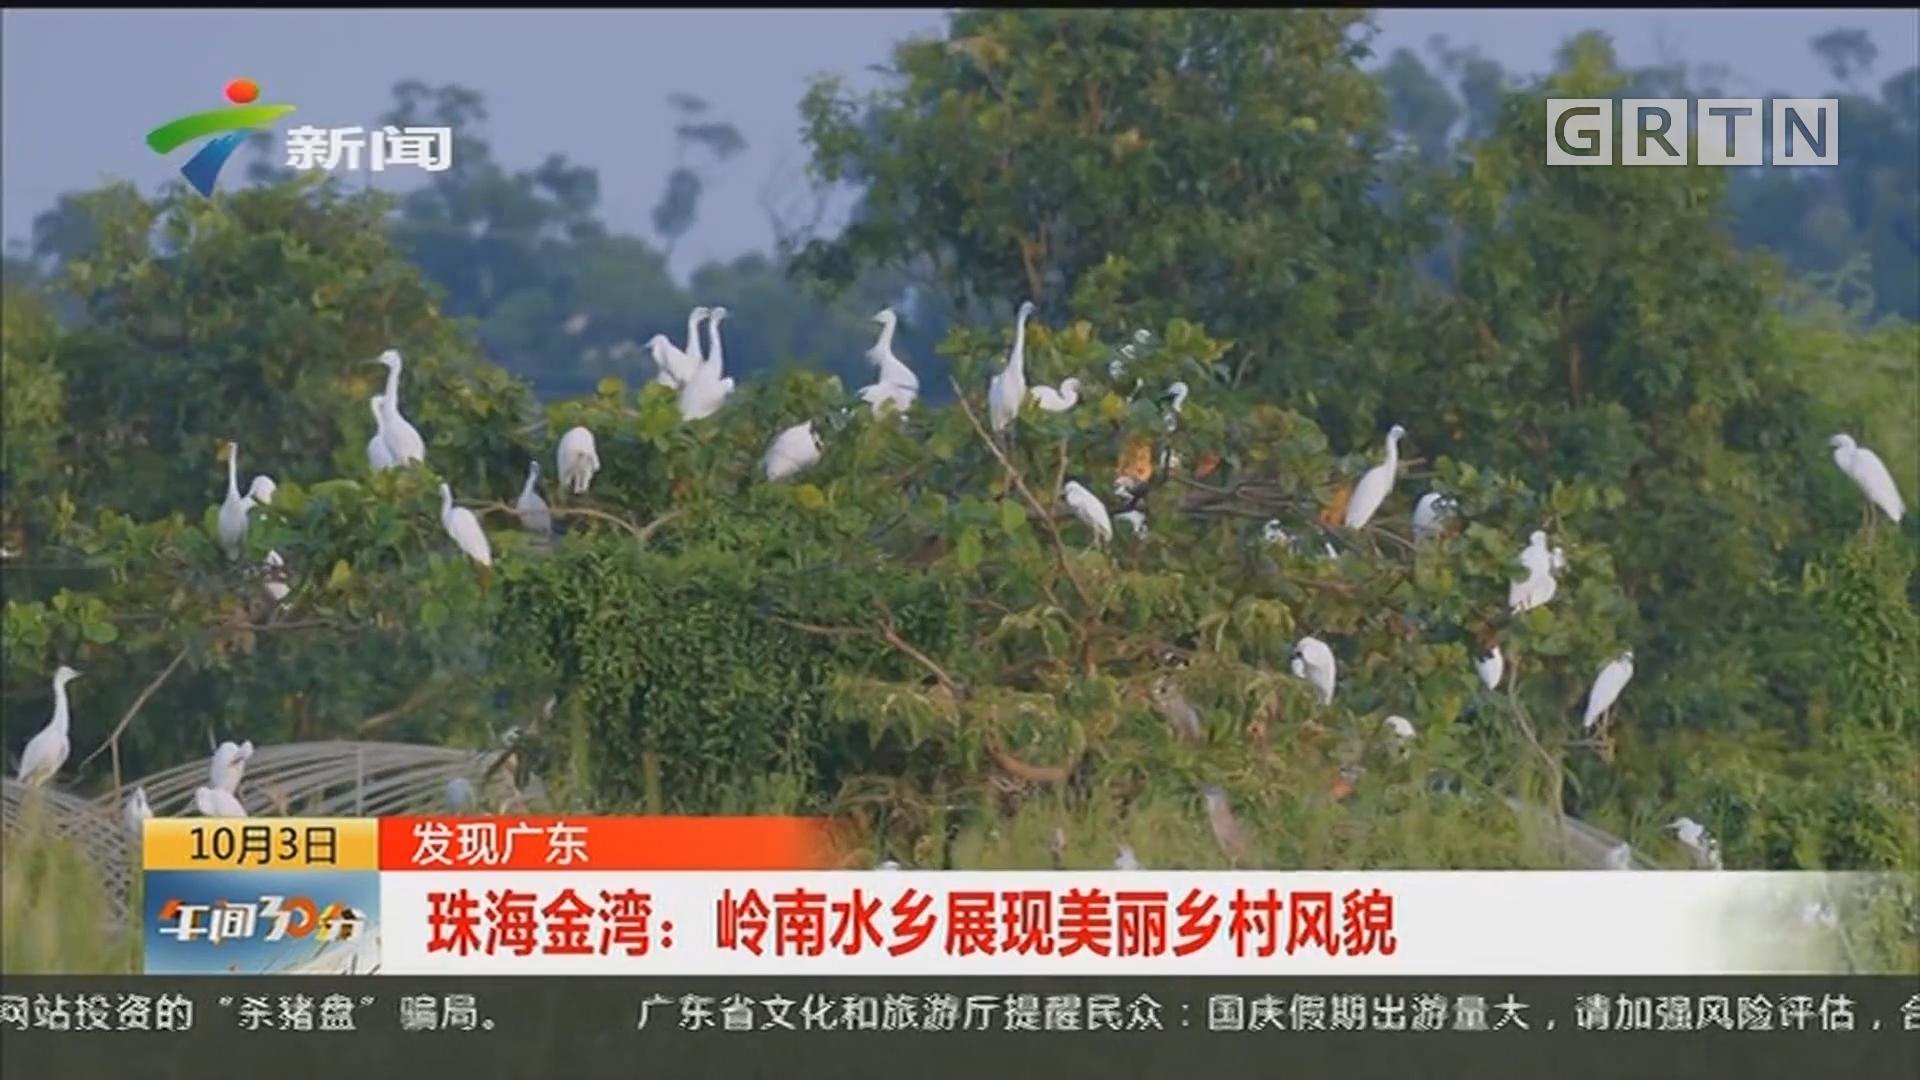 发现广东 珠海金湾:岭南水乡展现美丽乡村风貌